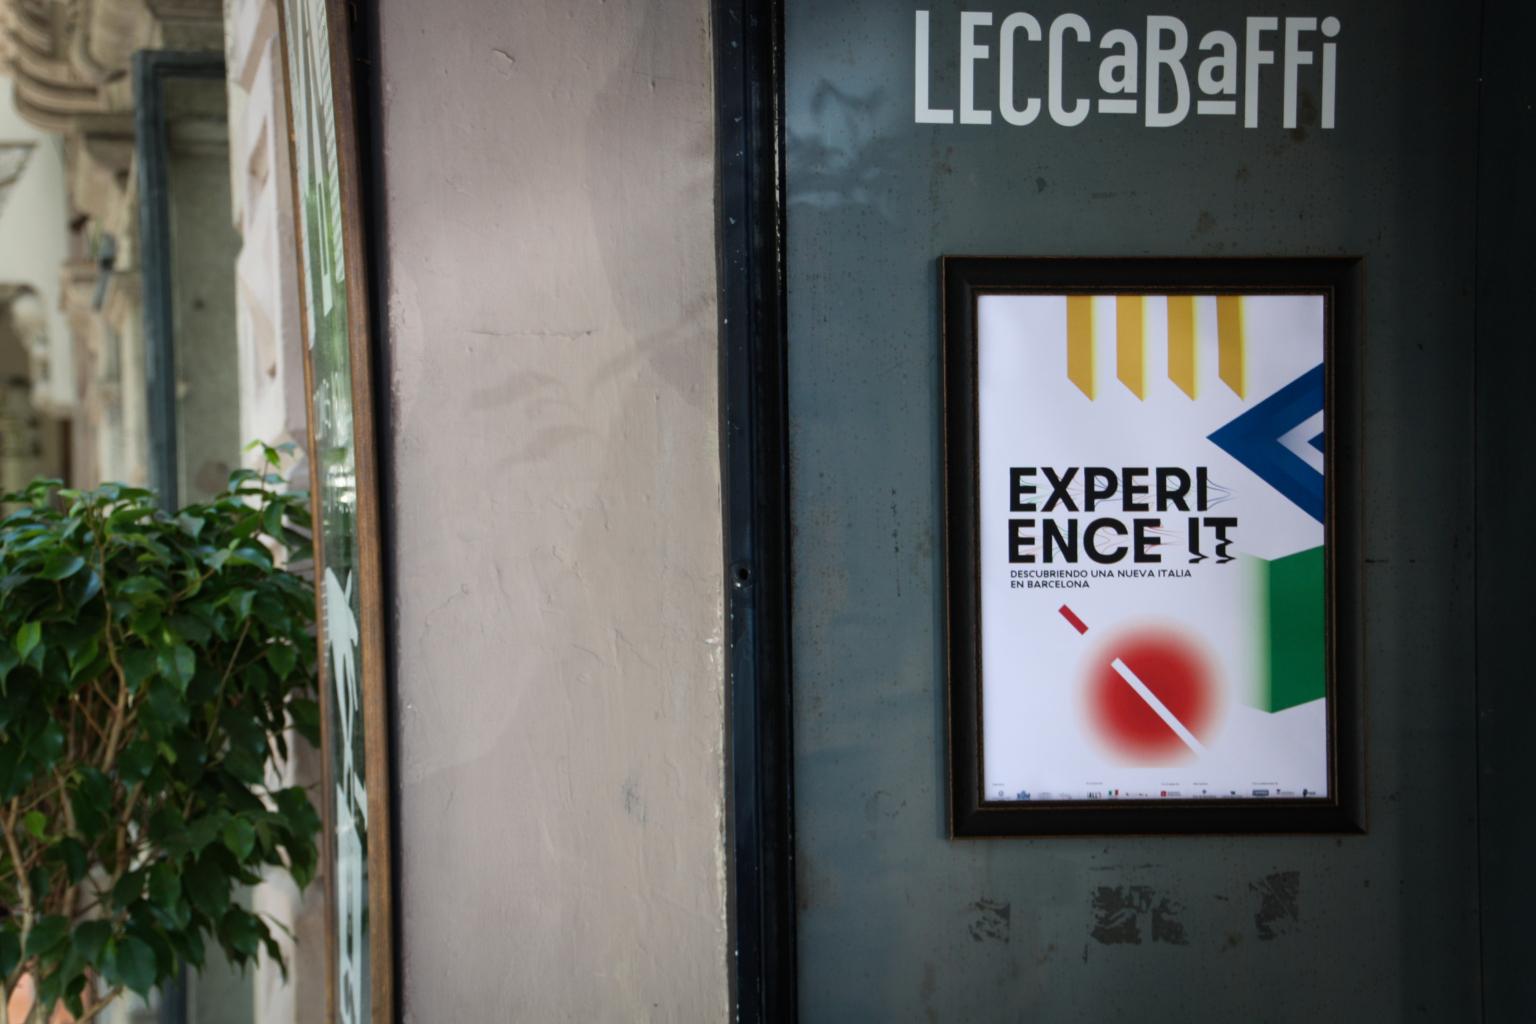 EXPERIENCE IT_FATTO A MANO